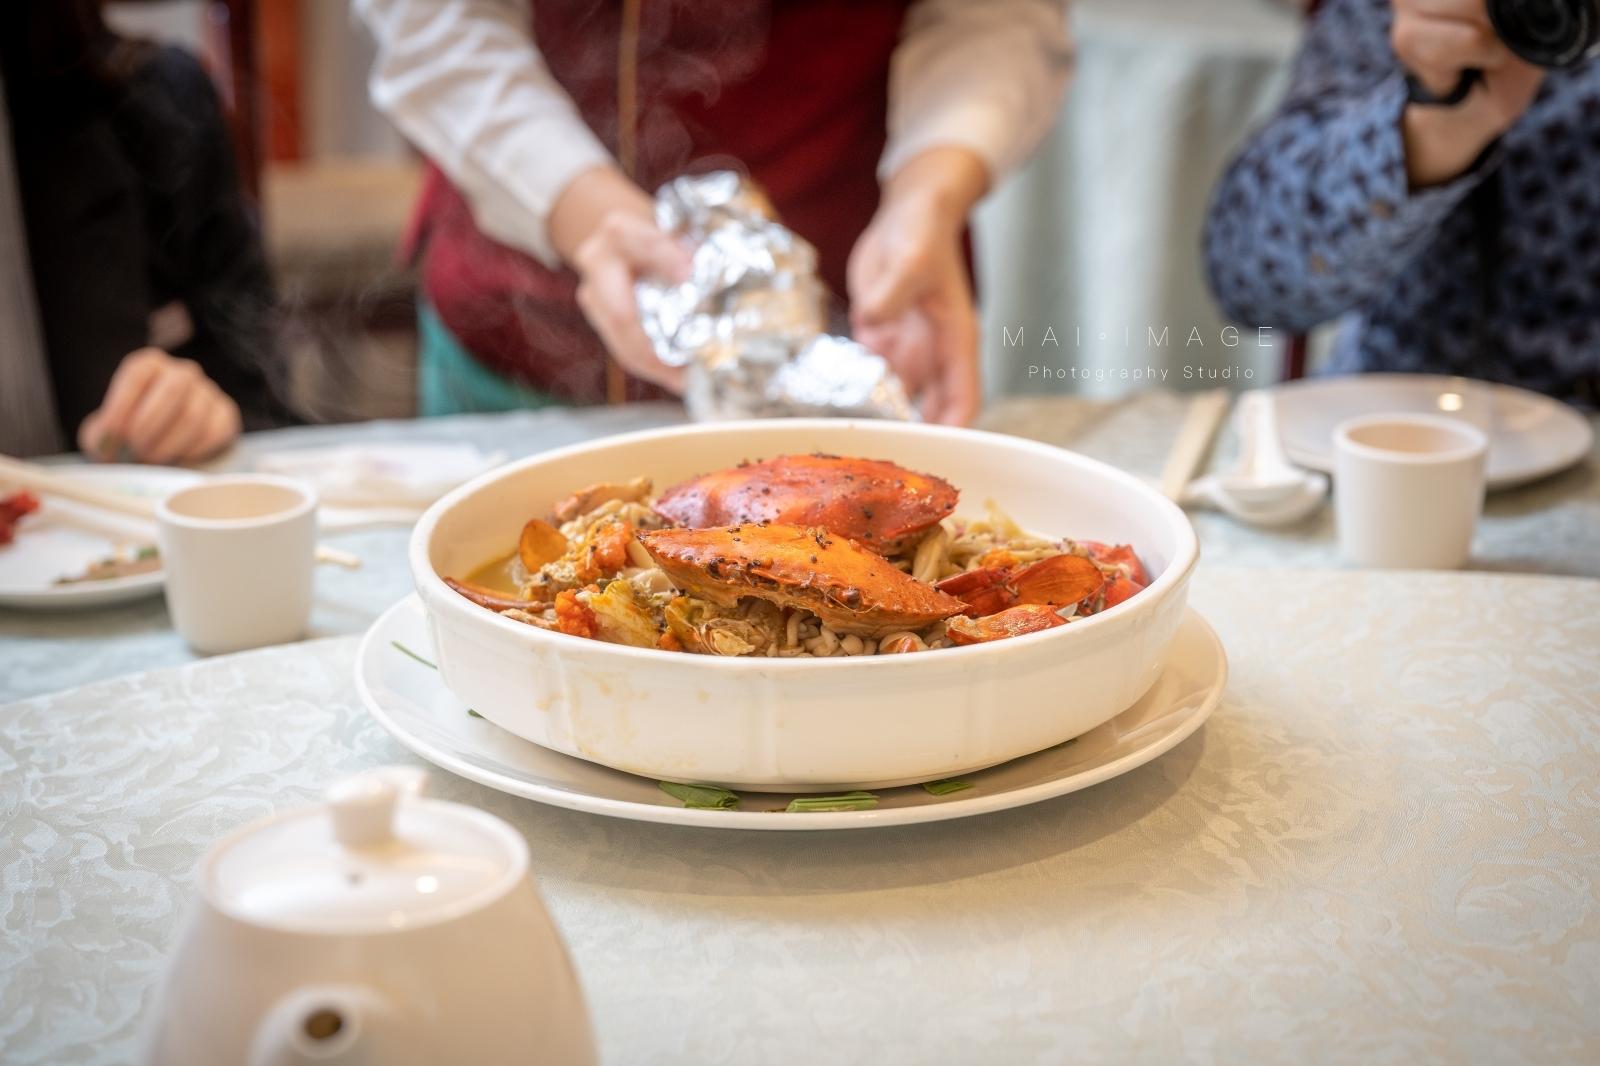 台北美食|2020經典臺菜餐廳,台北福華大飯店『蓬萊邨台菜餐廳』 集精緻與創意於一身的經典老字號美味、台灣經典廟口桌宴|捷運大安站美食